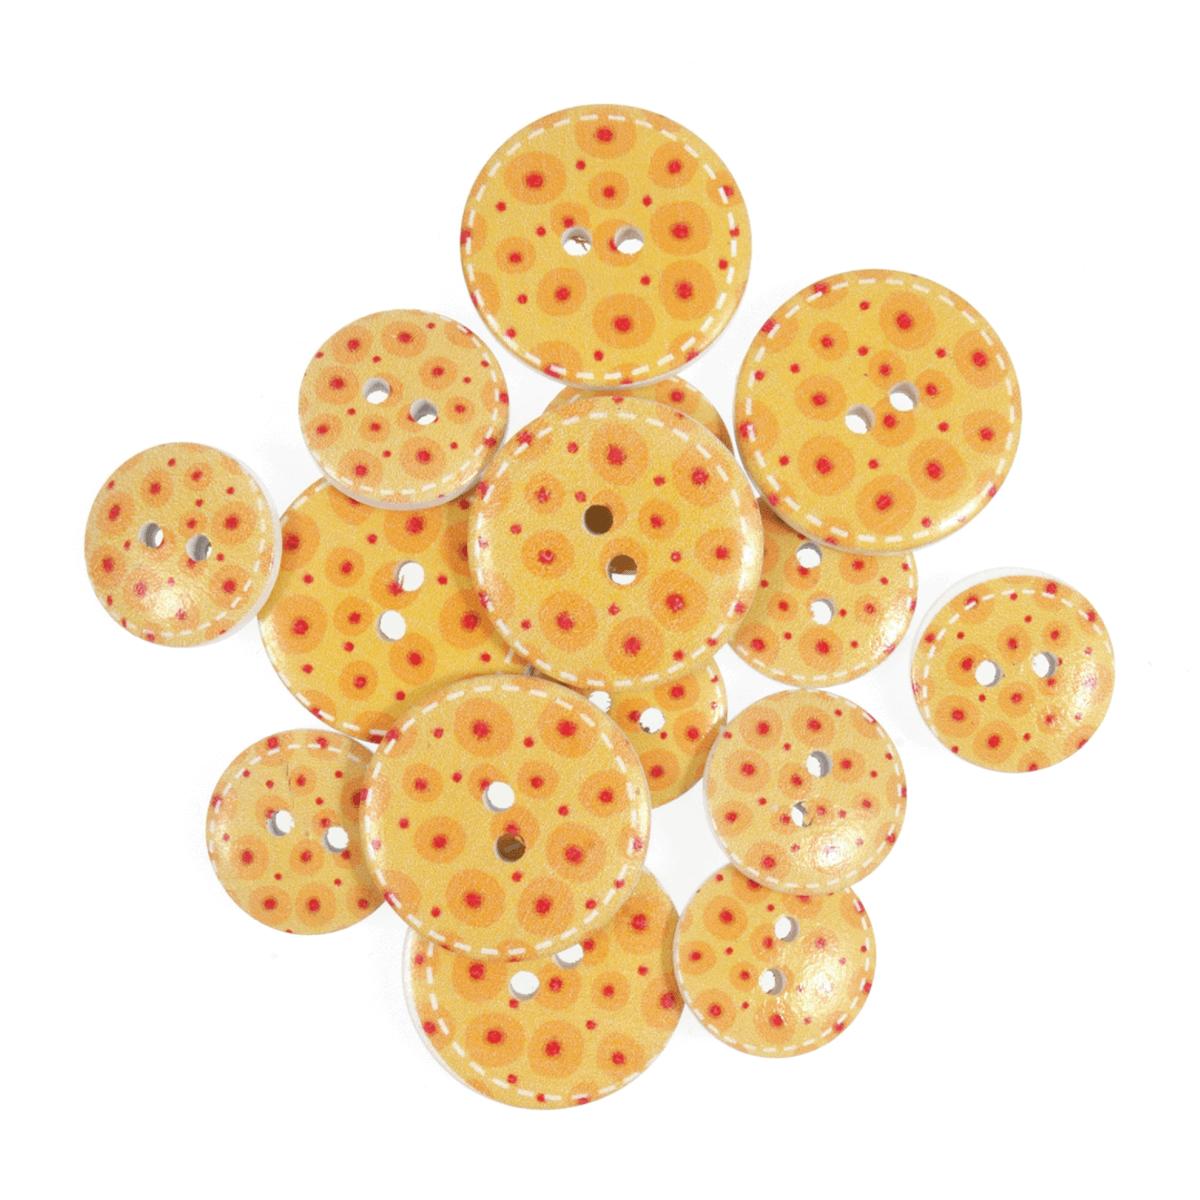 15 x Assorted Egg Yolk Spots Wooden Craft Buttons 18mm - 25mm